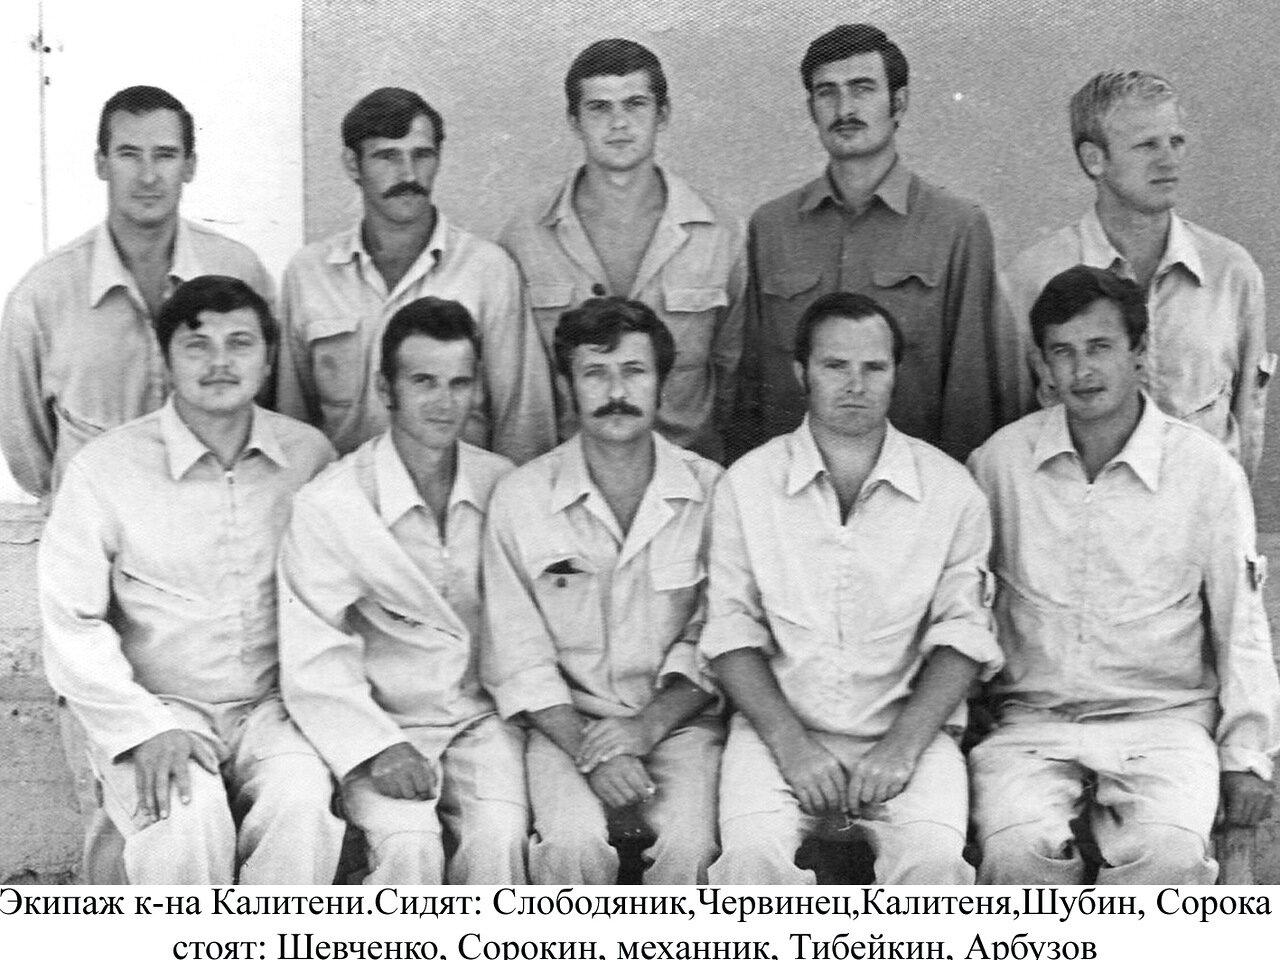 1978. Сирия. Экипаж капитана Калитени